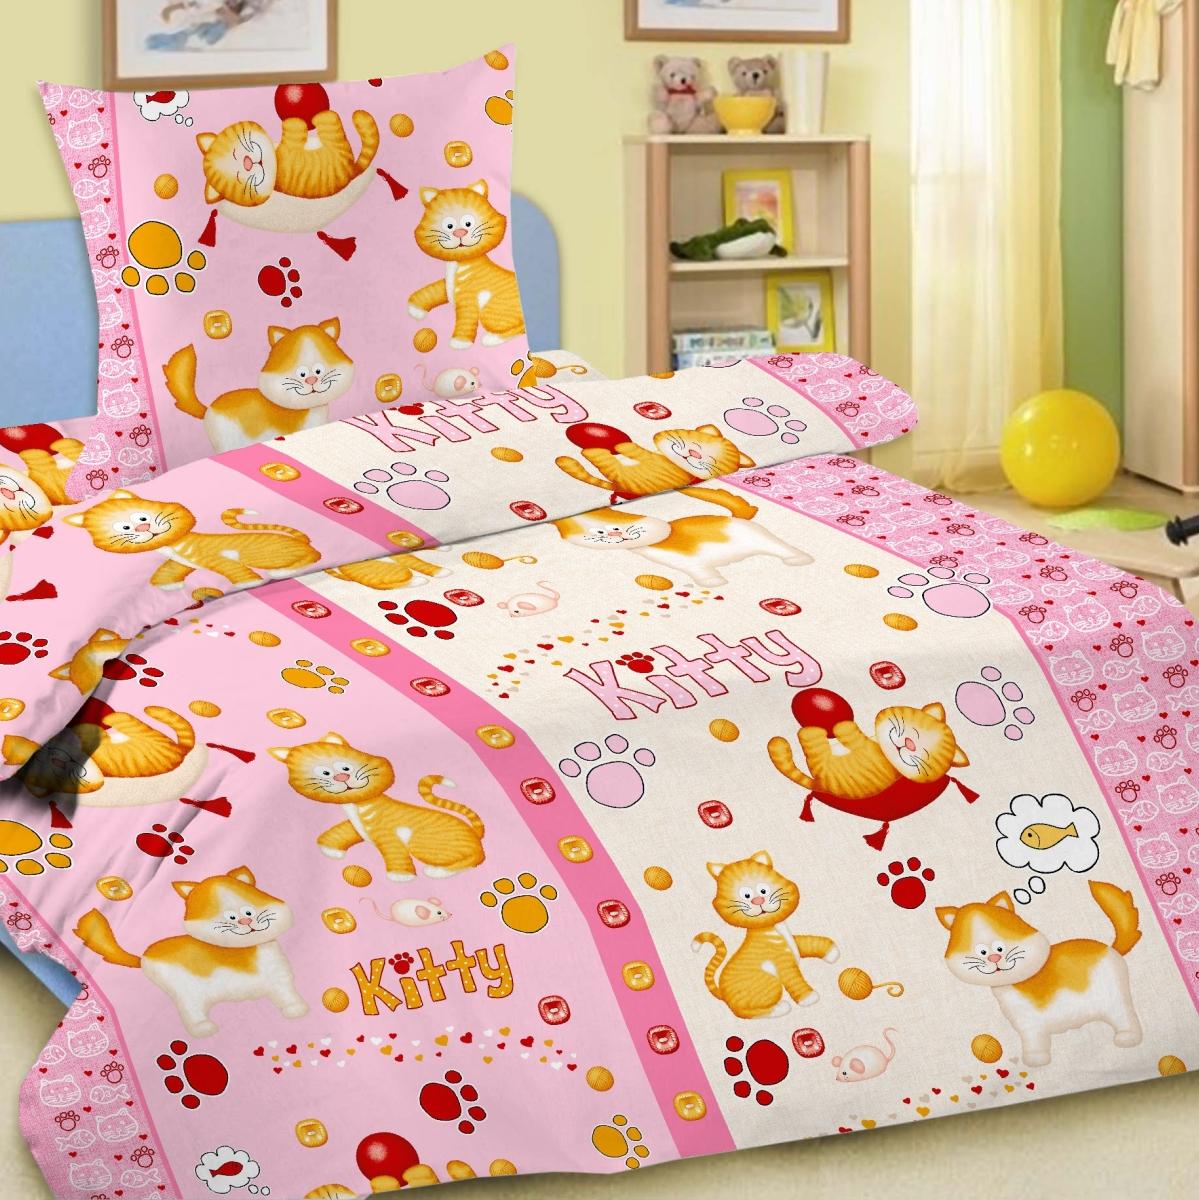 где купить Letto Комплект детского постельного белья Китти цвет розовый по лучшей цене